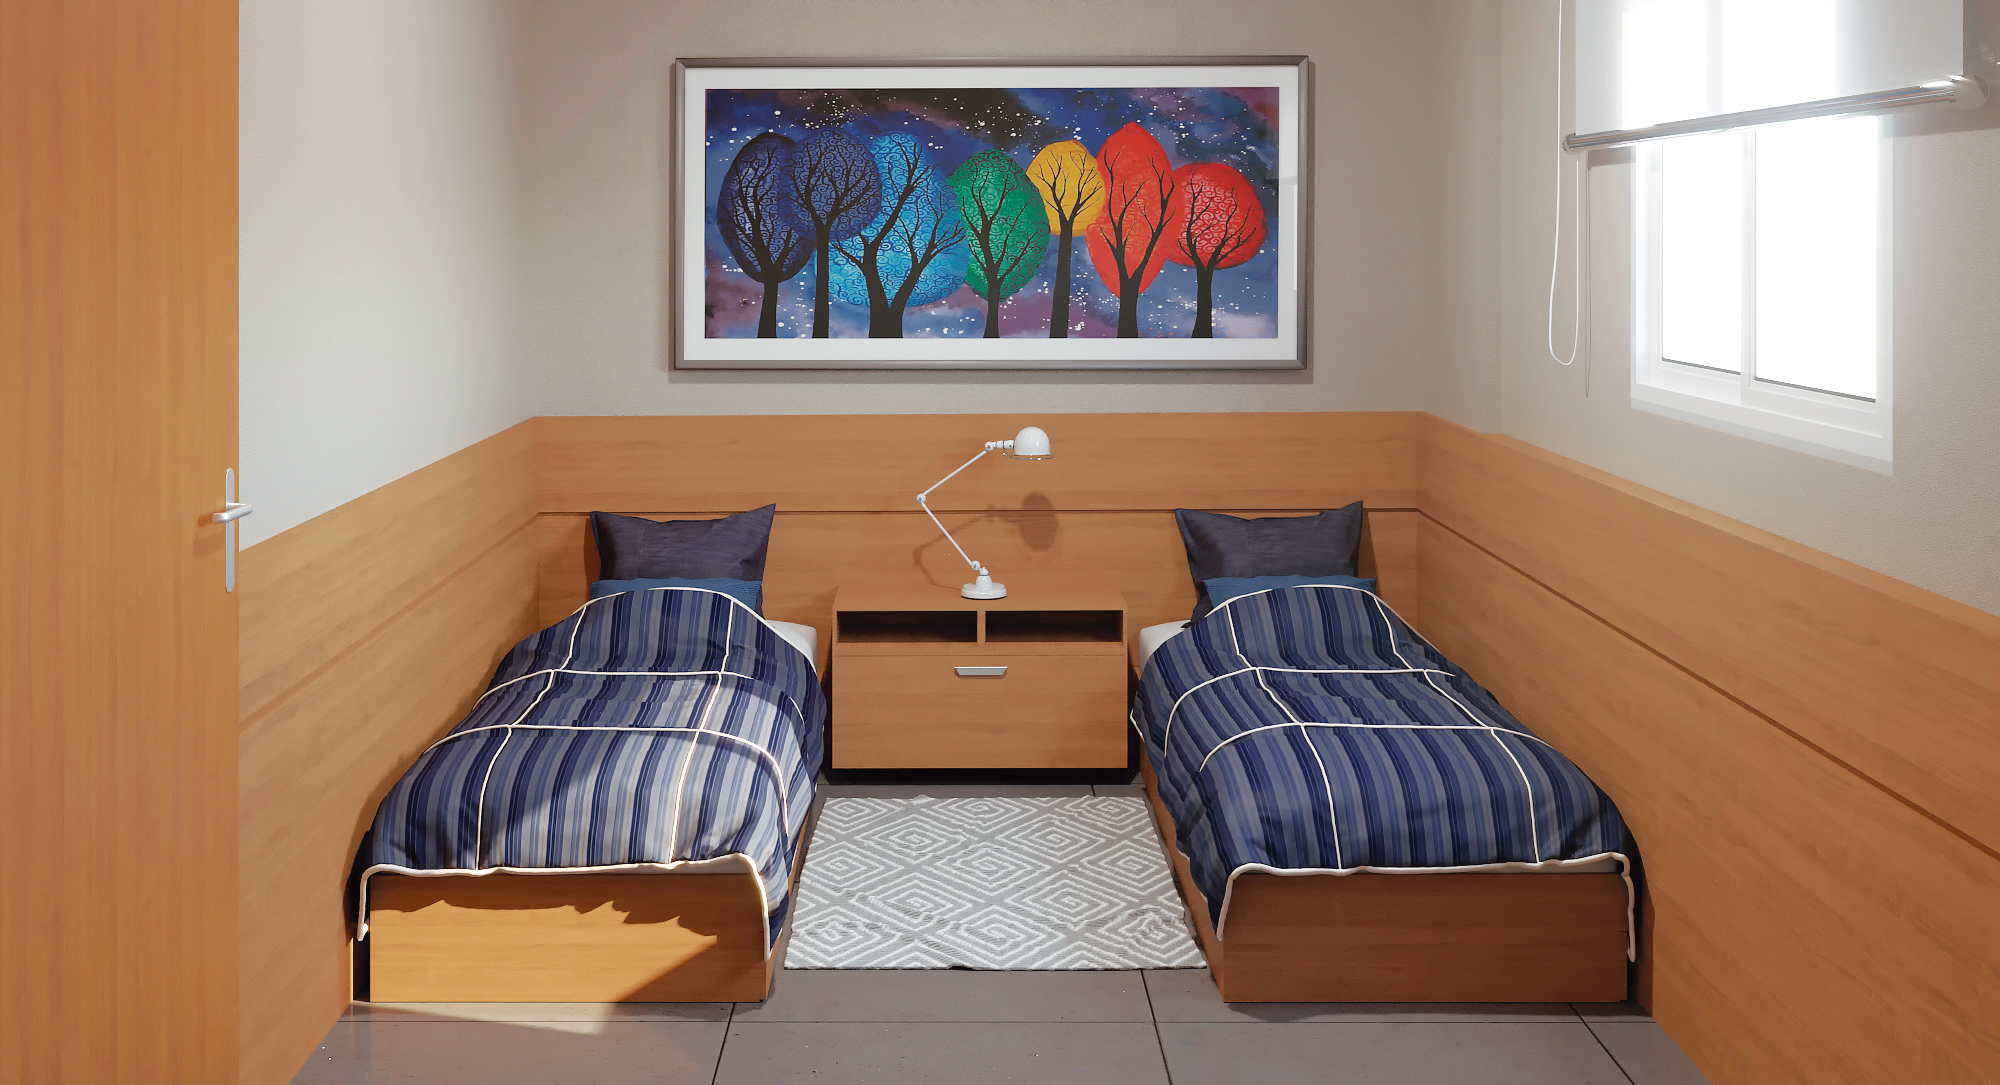 Dormintório 2